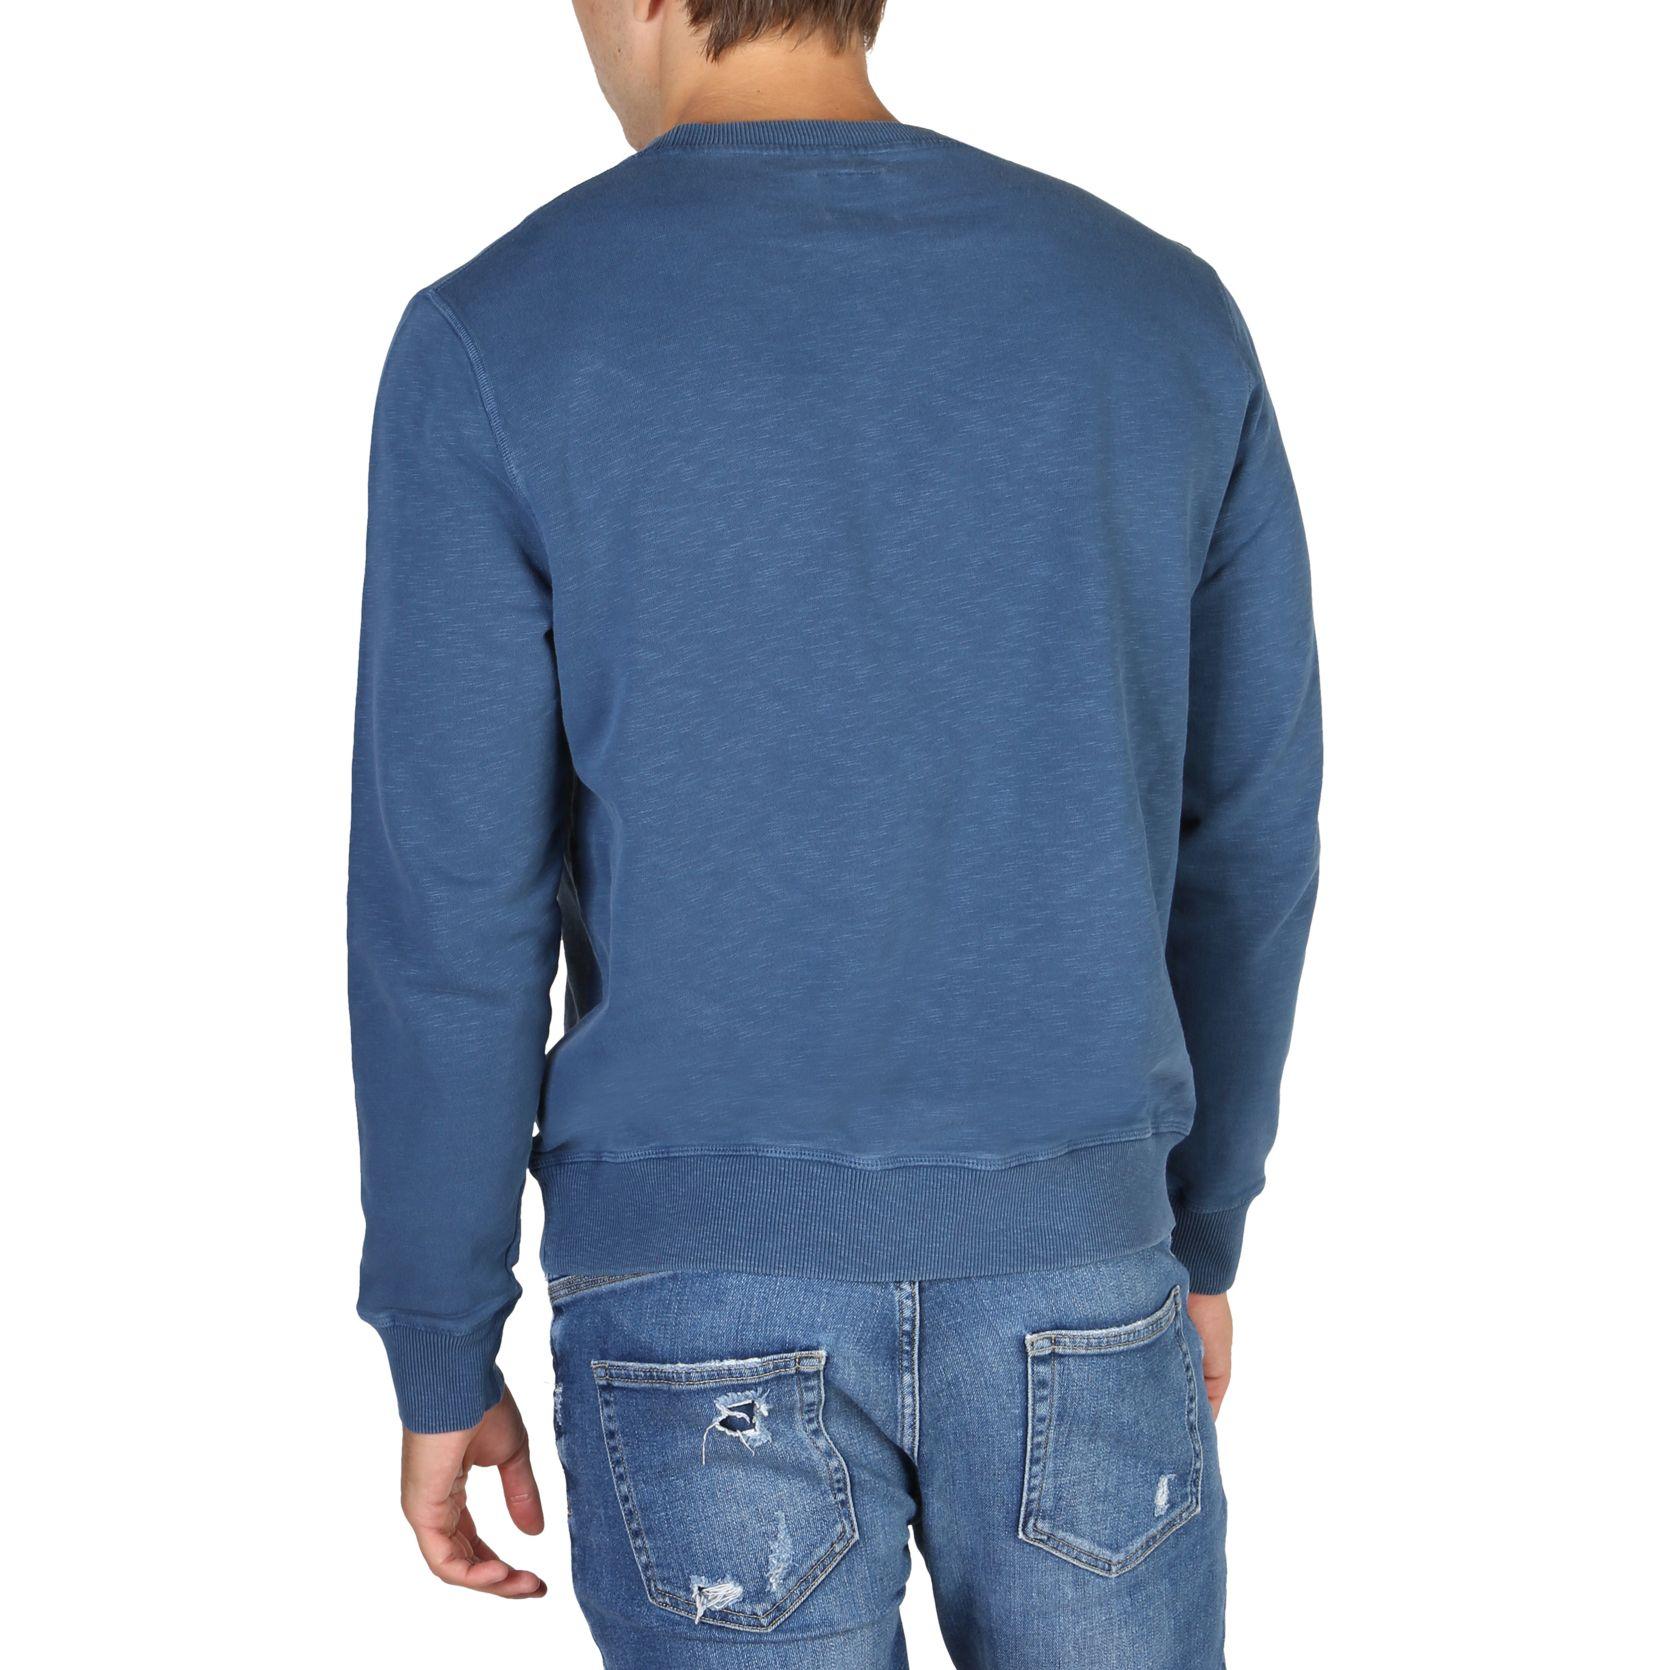 Bekleidung Hackett – HM580726 – Blau